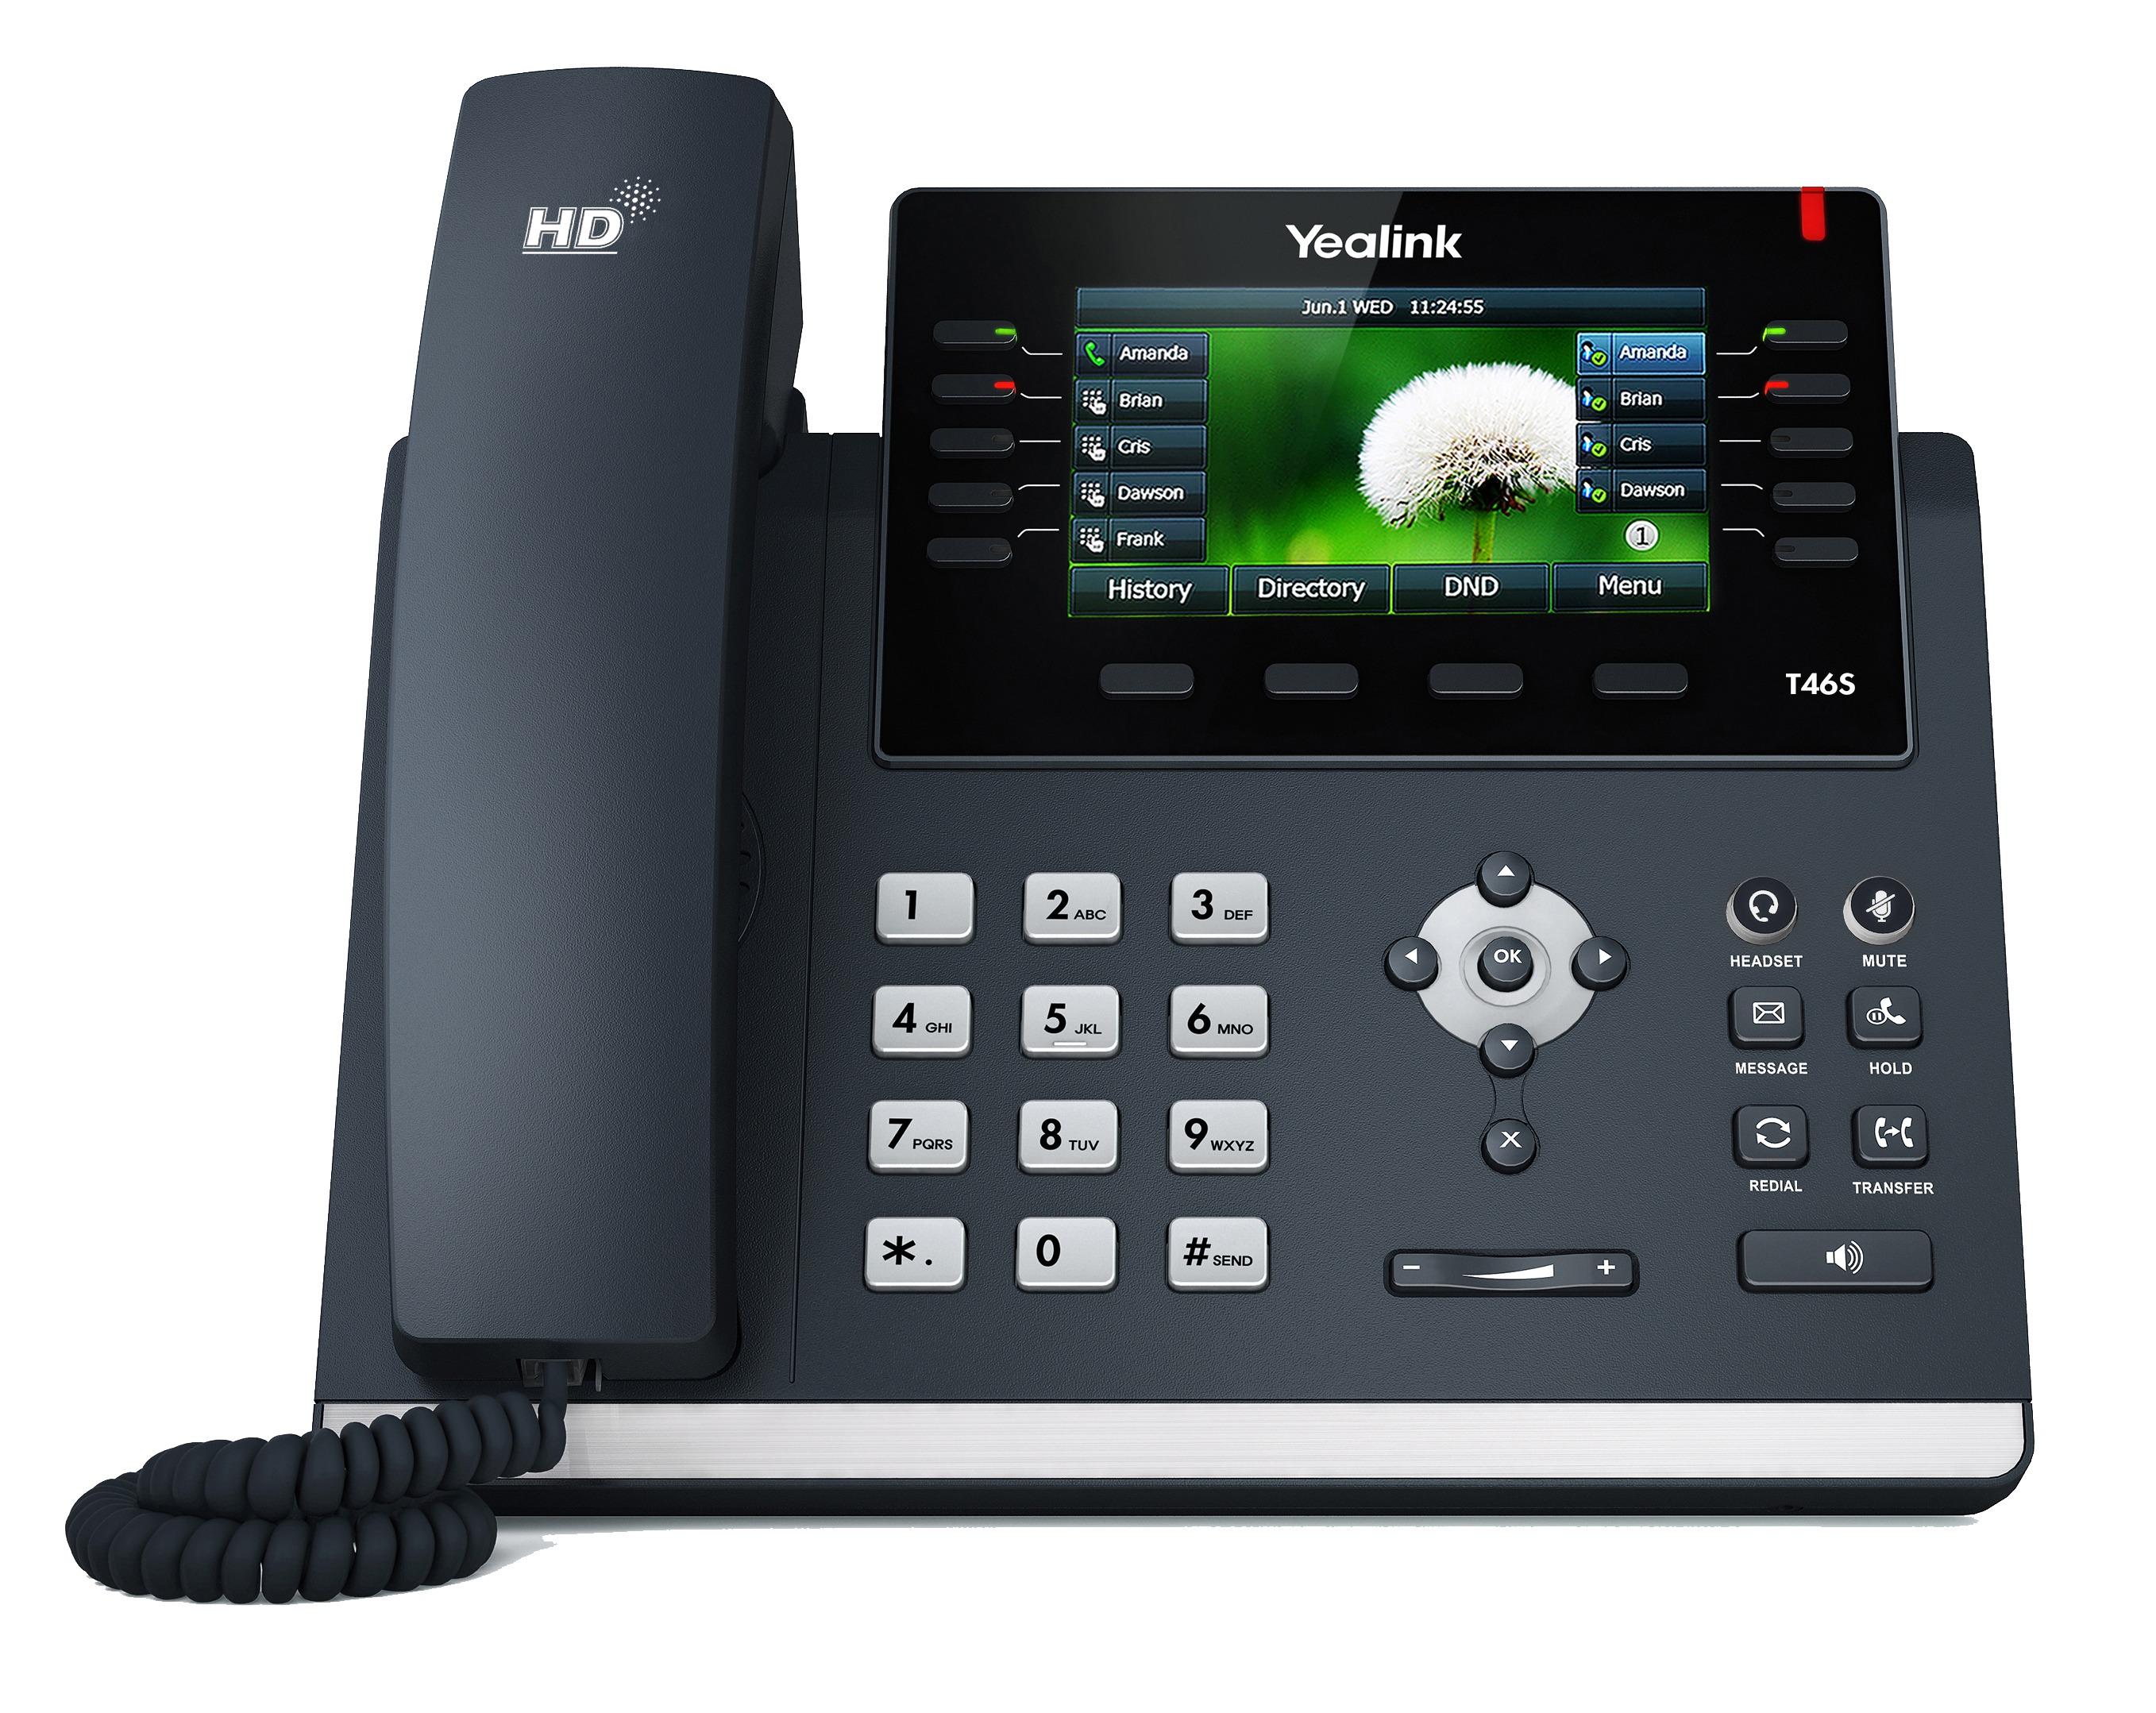 Phone Yealink T46S